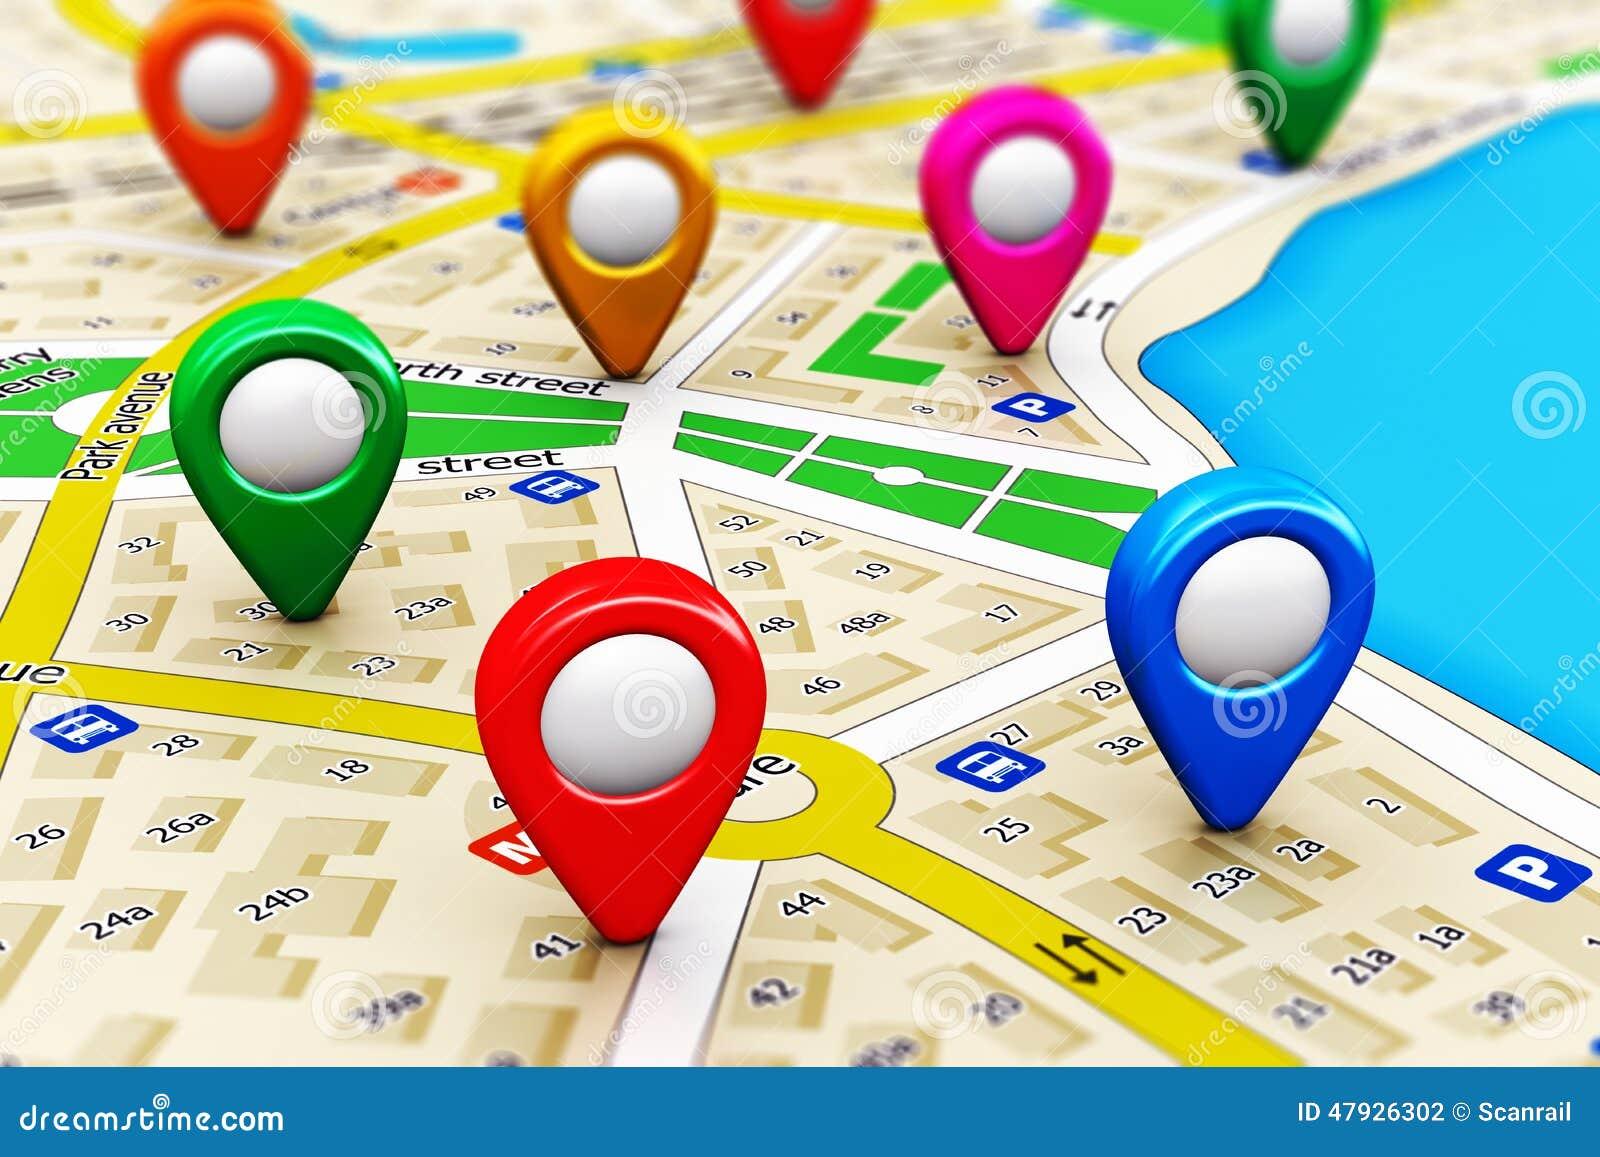 Найти знакомых по навигации